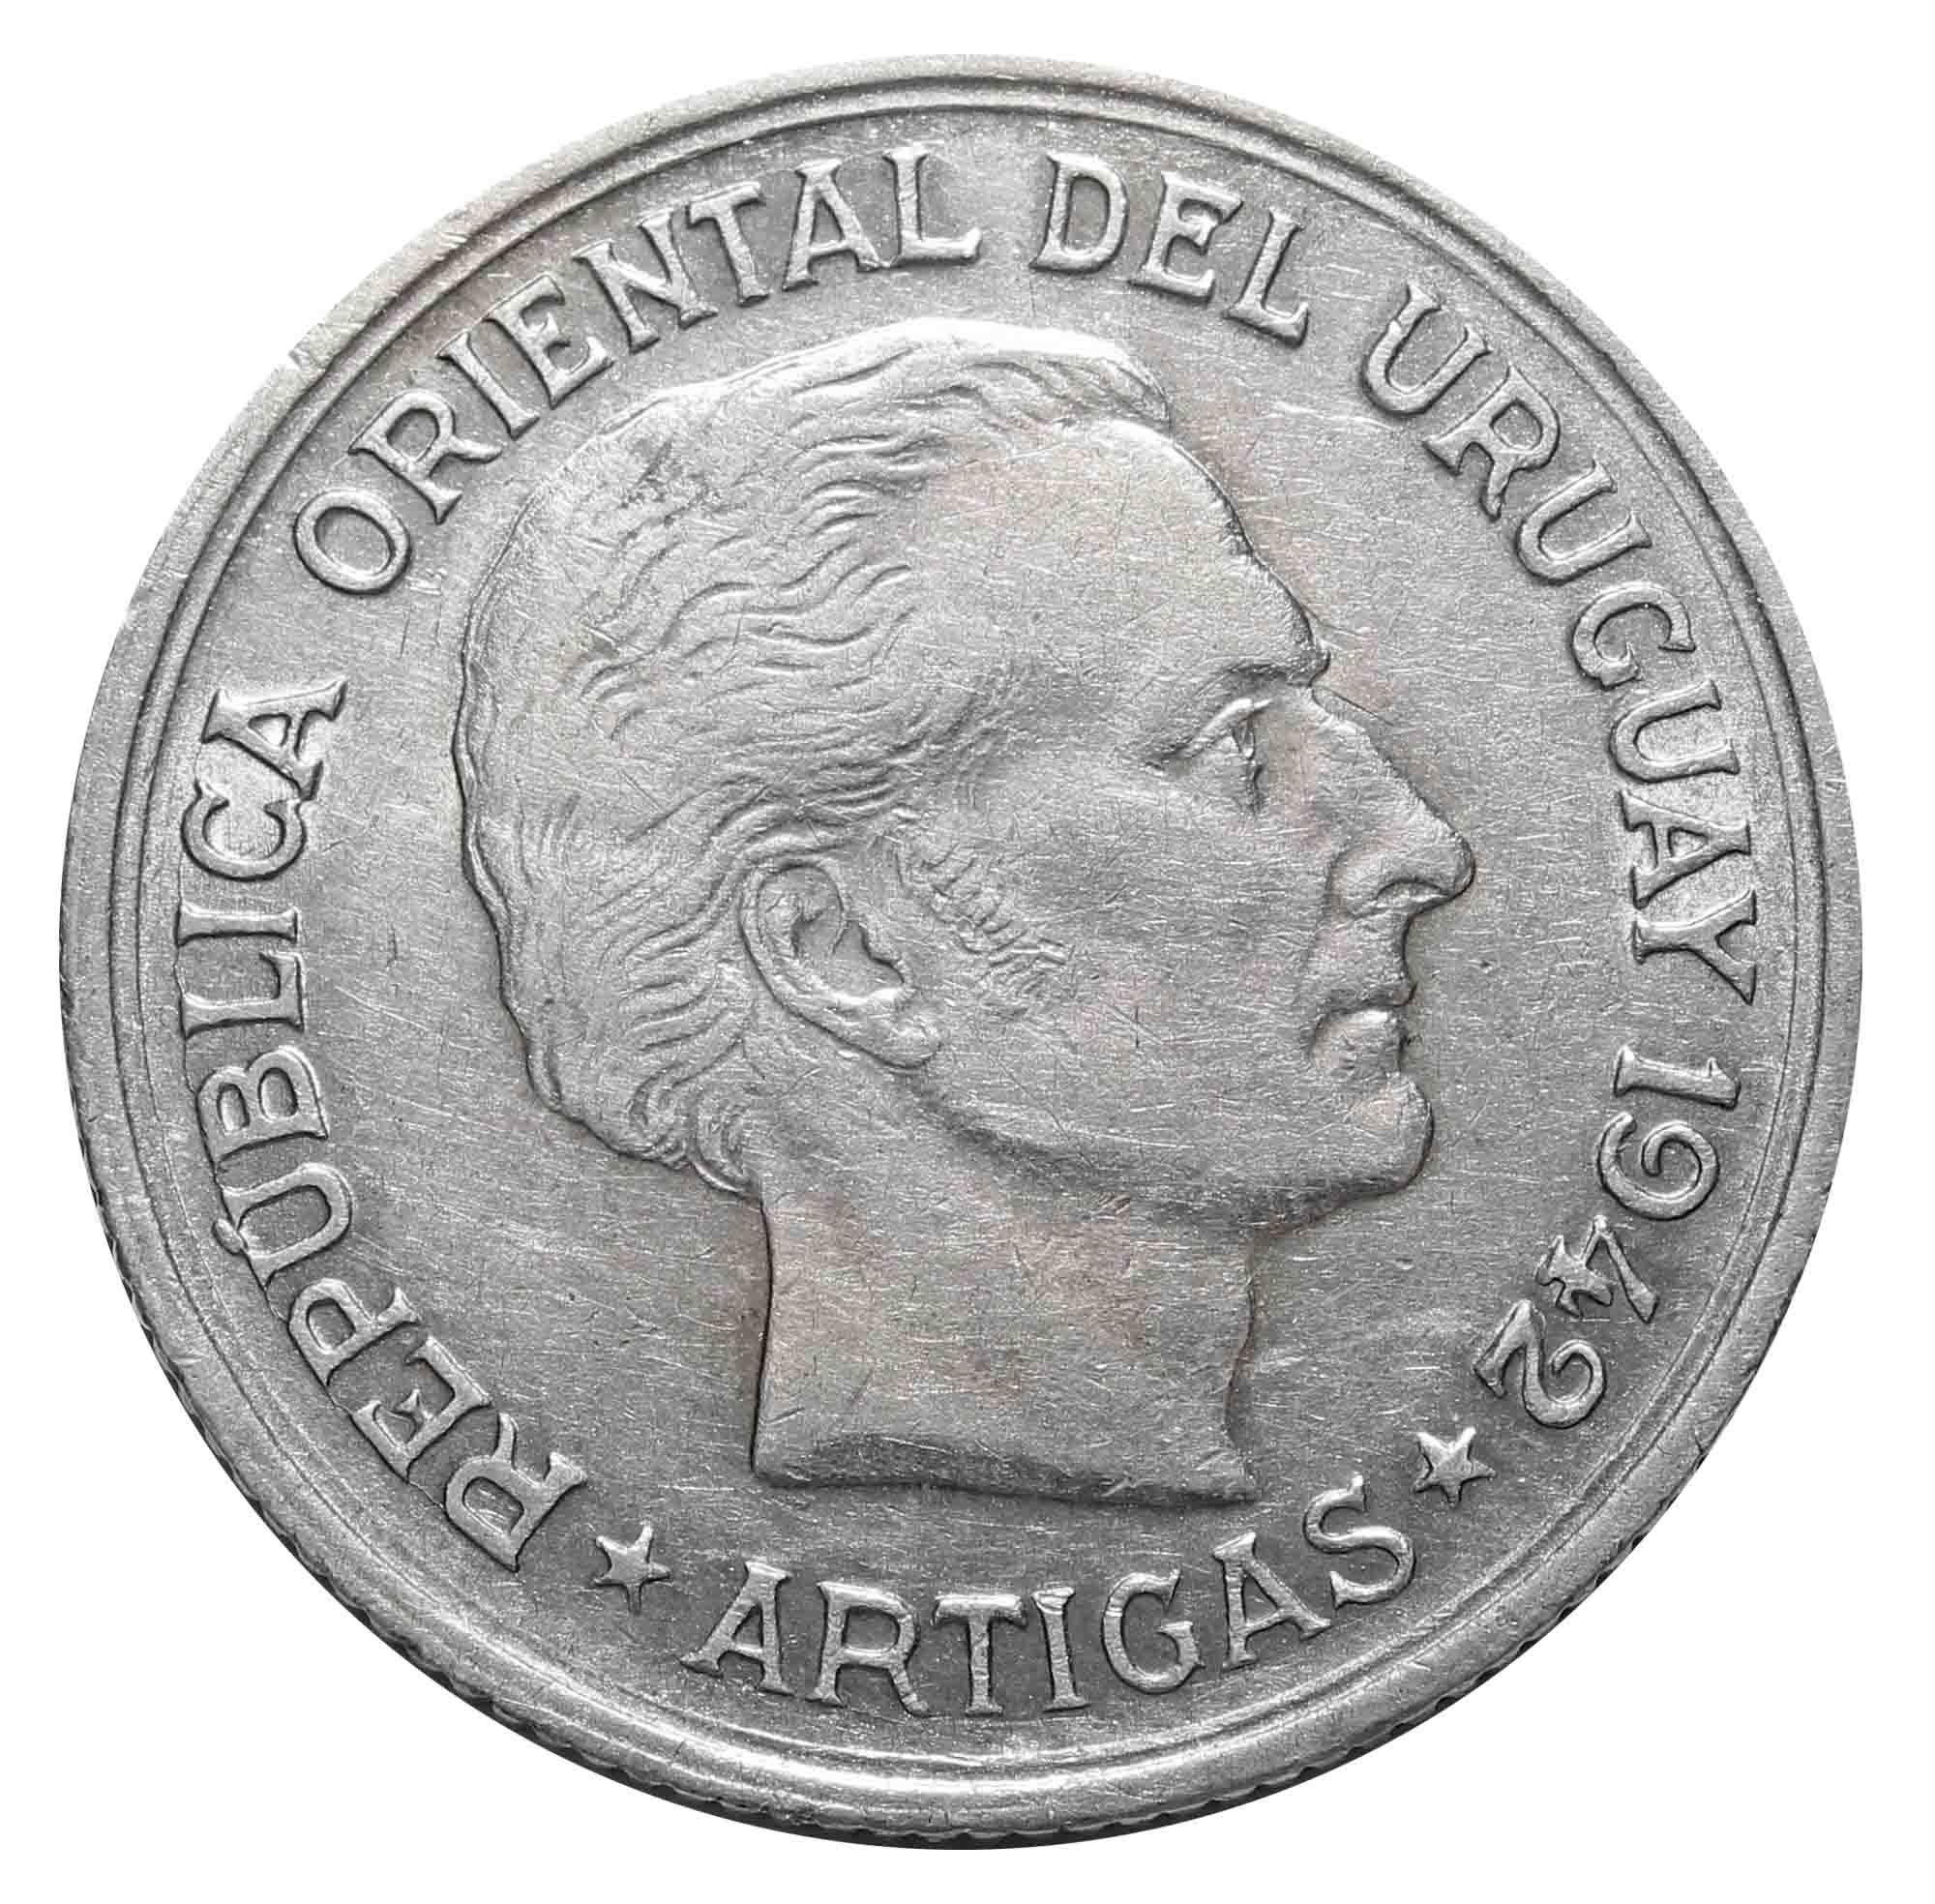 1 песо. Хосе Хервасио Артигас. Уругвай. 1942 год. Серебро. XF